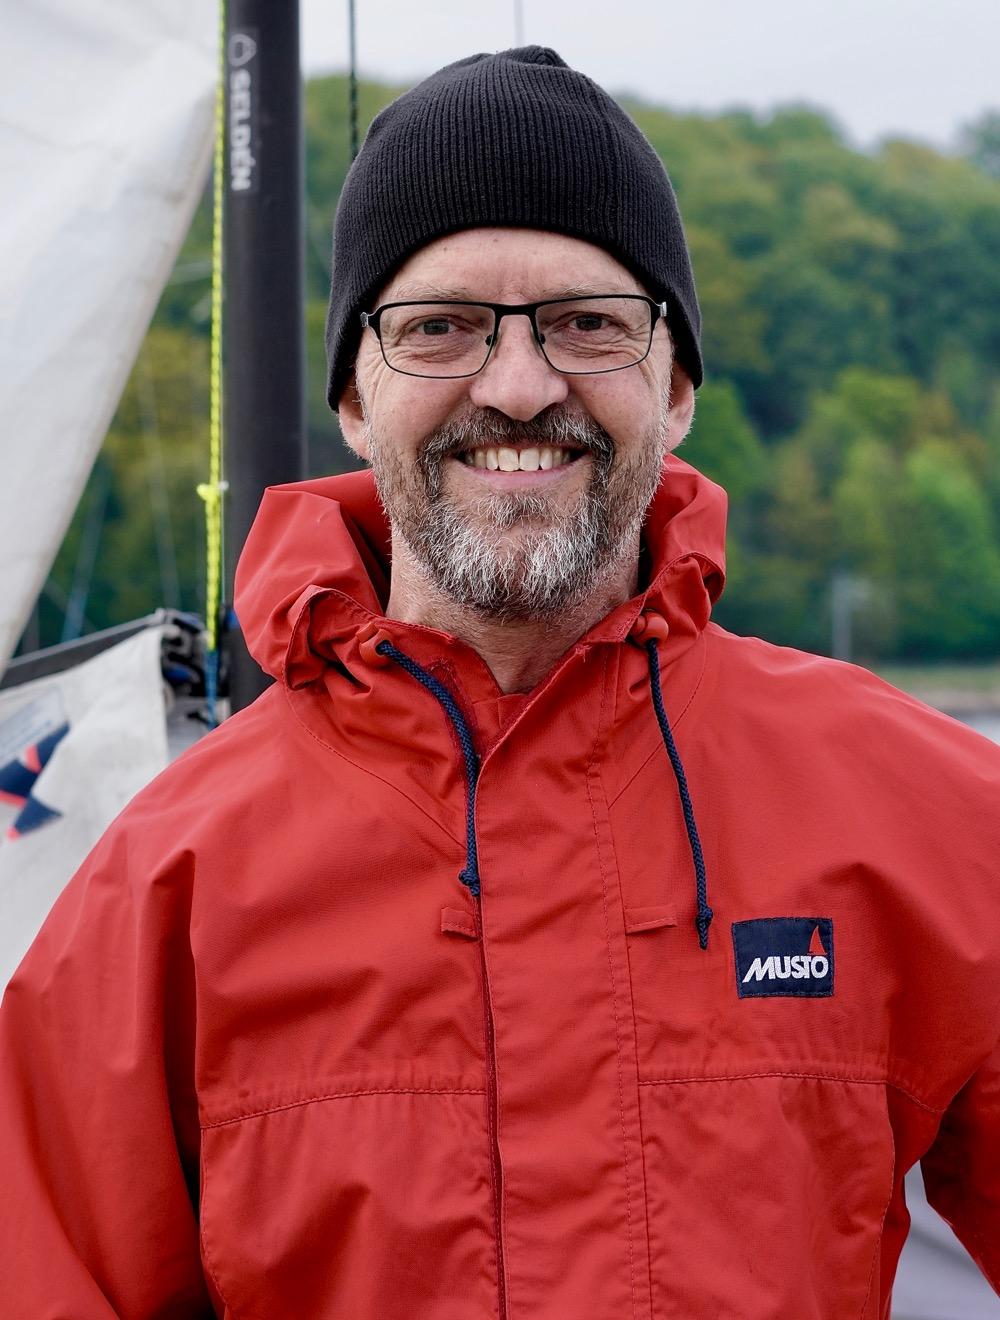 Martin Maribo